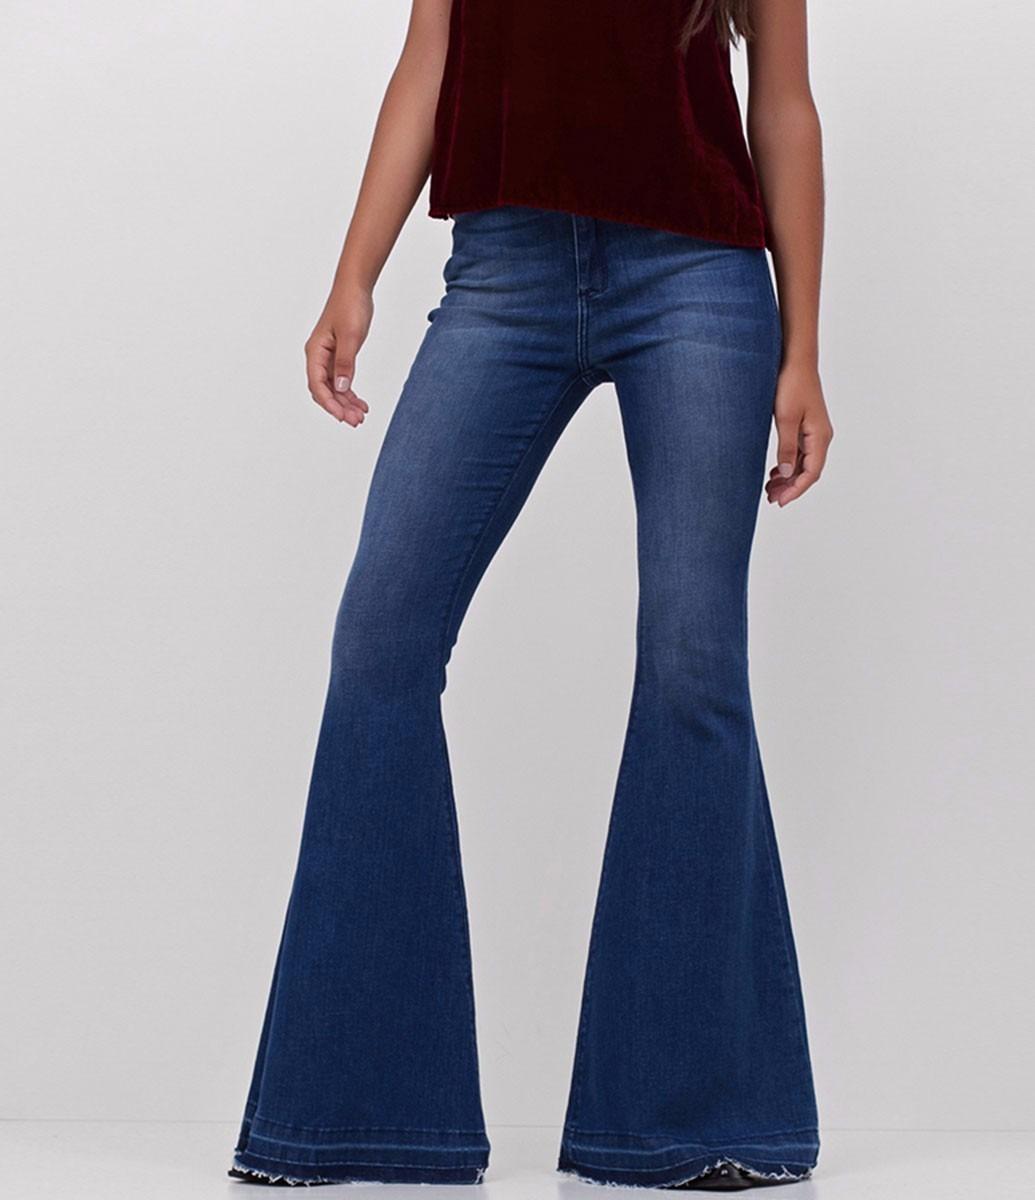 fd9387bb1 calça jeans super flare. Carregando zoom.